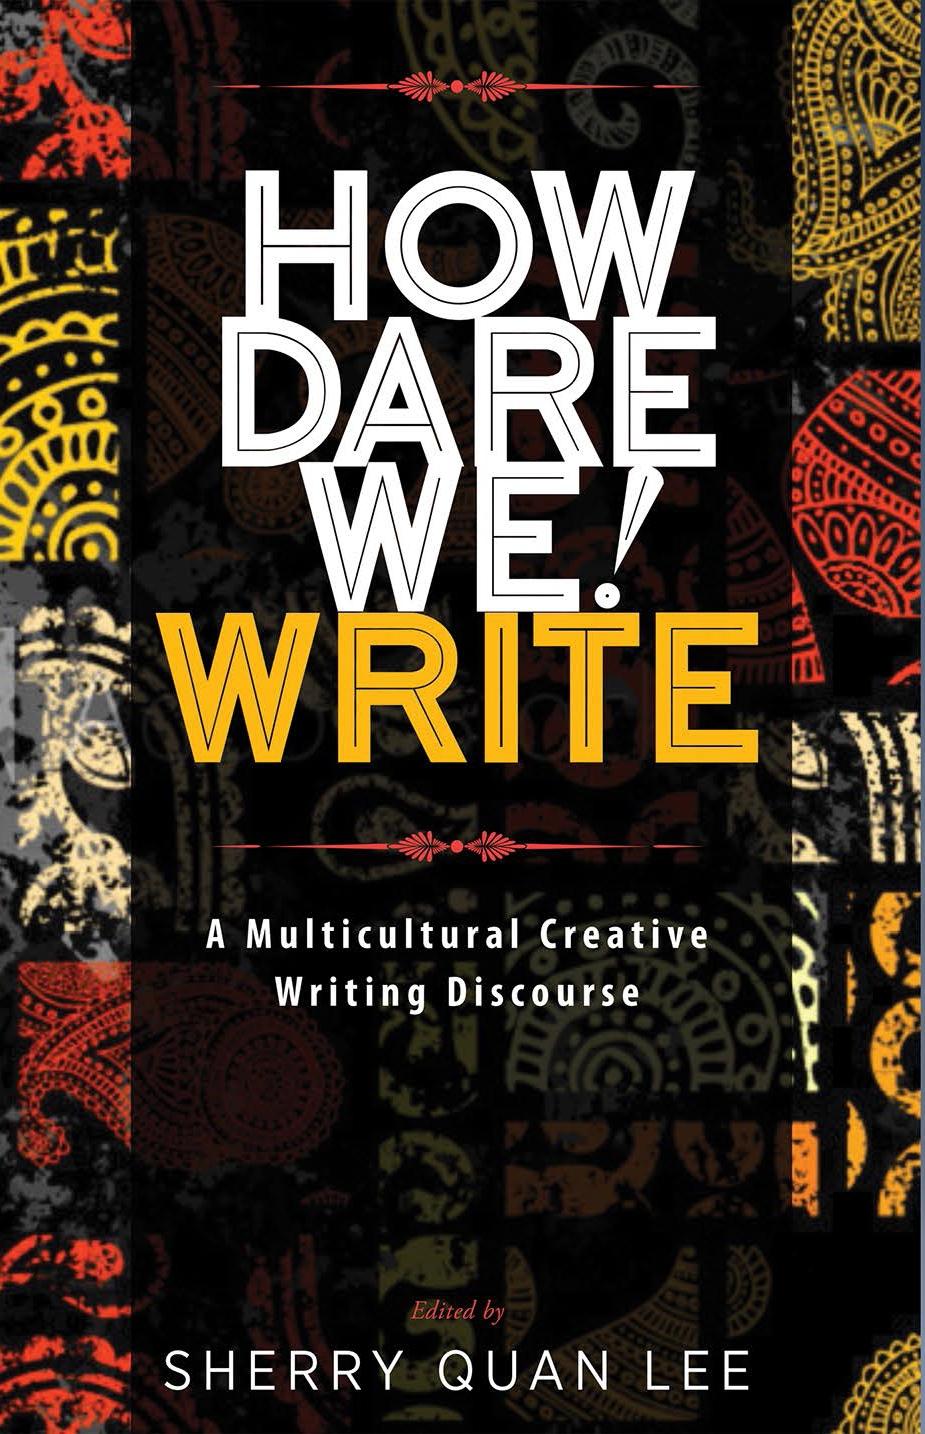 HOW DARE WE WRITE